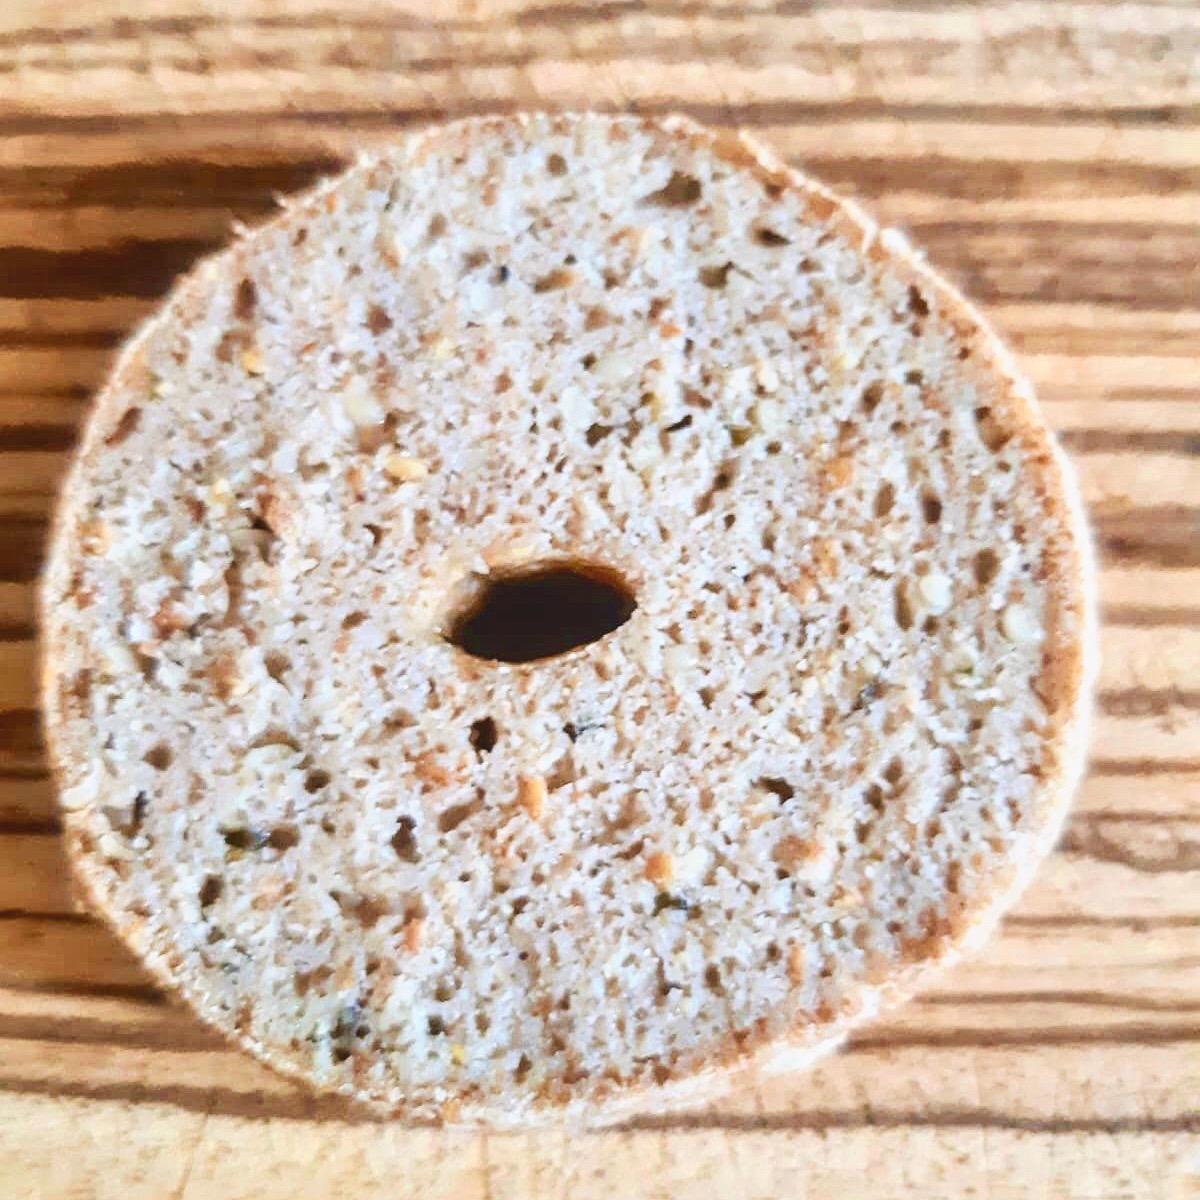 bagel slice.JPG